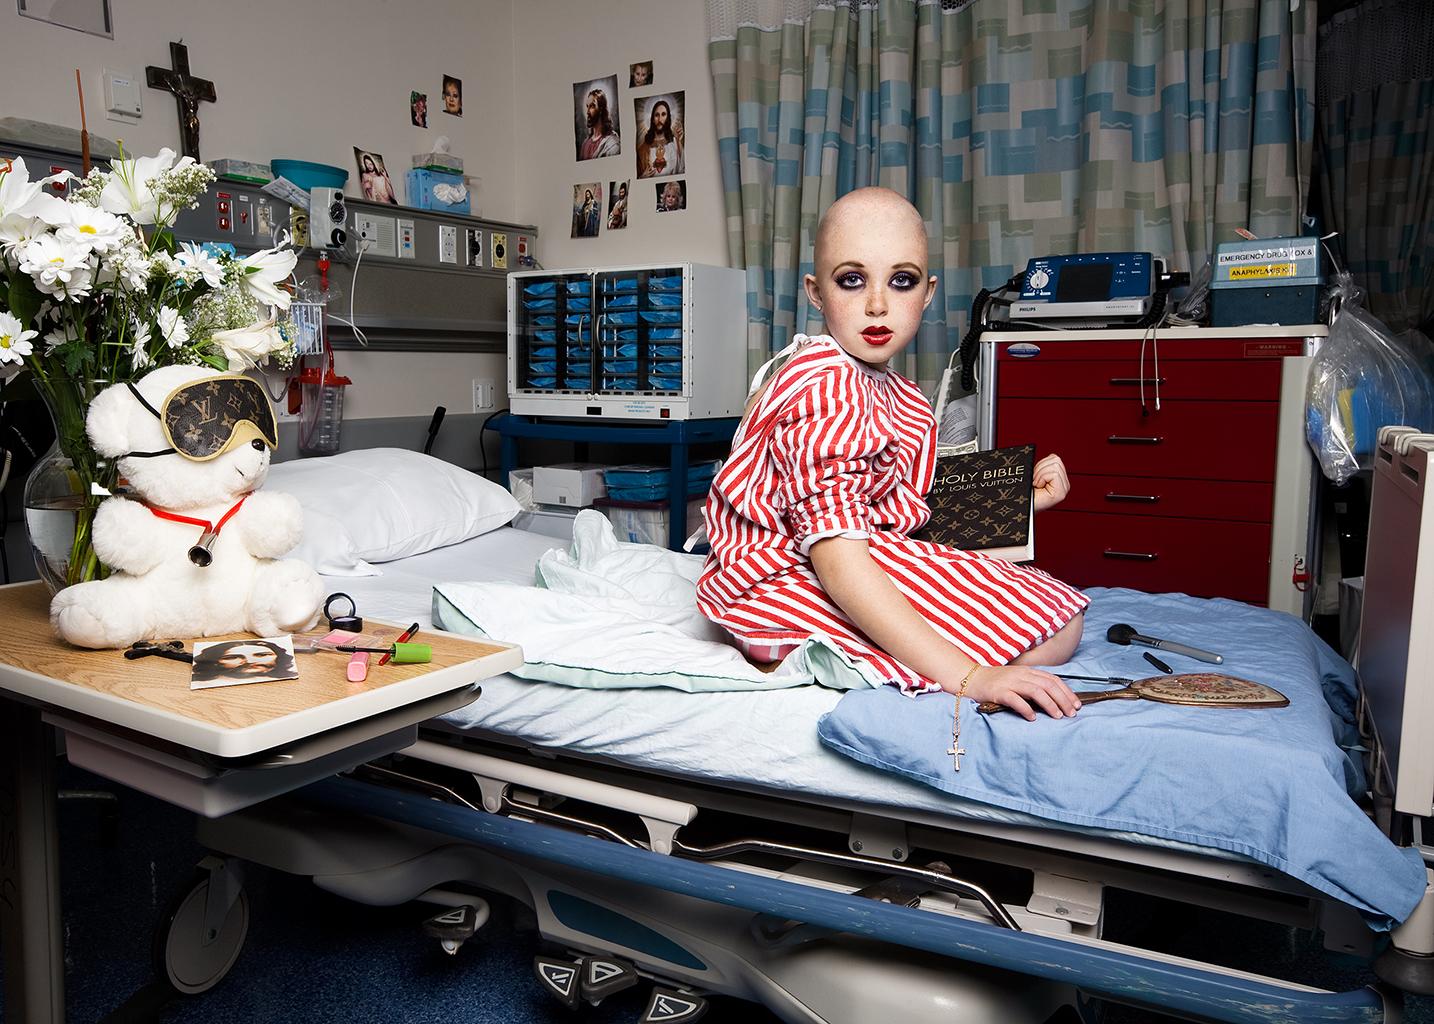 """Kanadalaisen Jonathan Hobinin In The Playroom -teossarjan lavastetuissa kuvissa lapset leikkivät aikuisten maailmaa. Näiden leikkien kautta näemme vilauksen siitä, miltä aikuisten maailma näyttää lasten silmin katsottuna. Lashes -teoksessa """"Tammy Faye Messner"""" istuu sairaalavuoteella Louis Vuitton -raamattu sylissään. """"LV-raamattu viittaa osaltaan kaksinaismoralismiin, jota esiintyy erityisesti katolisessa kirkossa ja Vatikaanissa. Kuitenkin kyse on vähemmän LV-brändissä ja enemmän kommentti niitä kohtaan, jotka palvovat brändejä"""", Hobin kertoo Häiriköt – kulttuurihäirinnän aakkoset -kirjassa."""